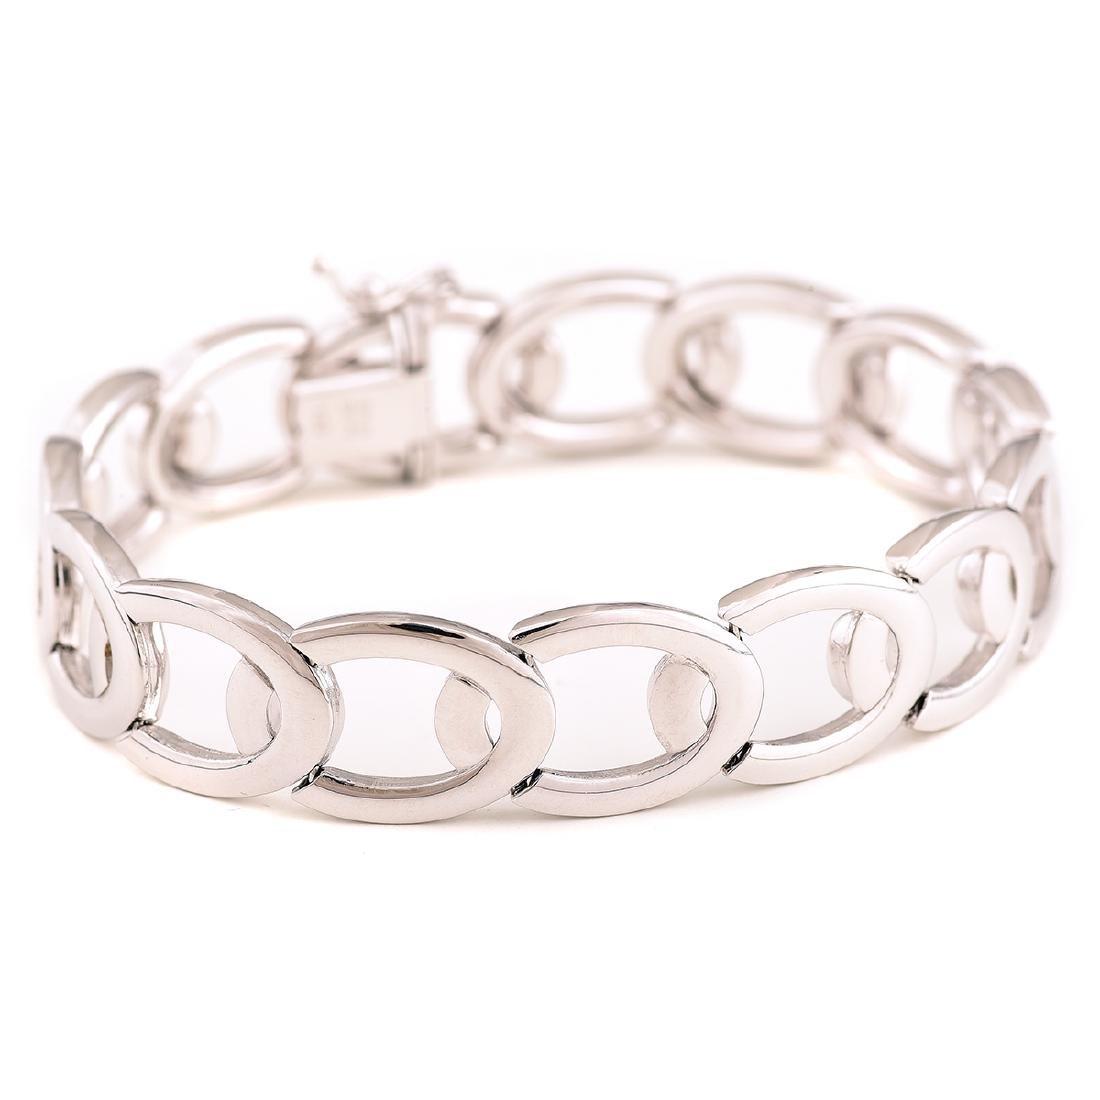 14k White Gold Bracelet.